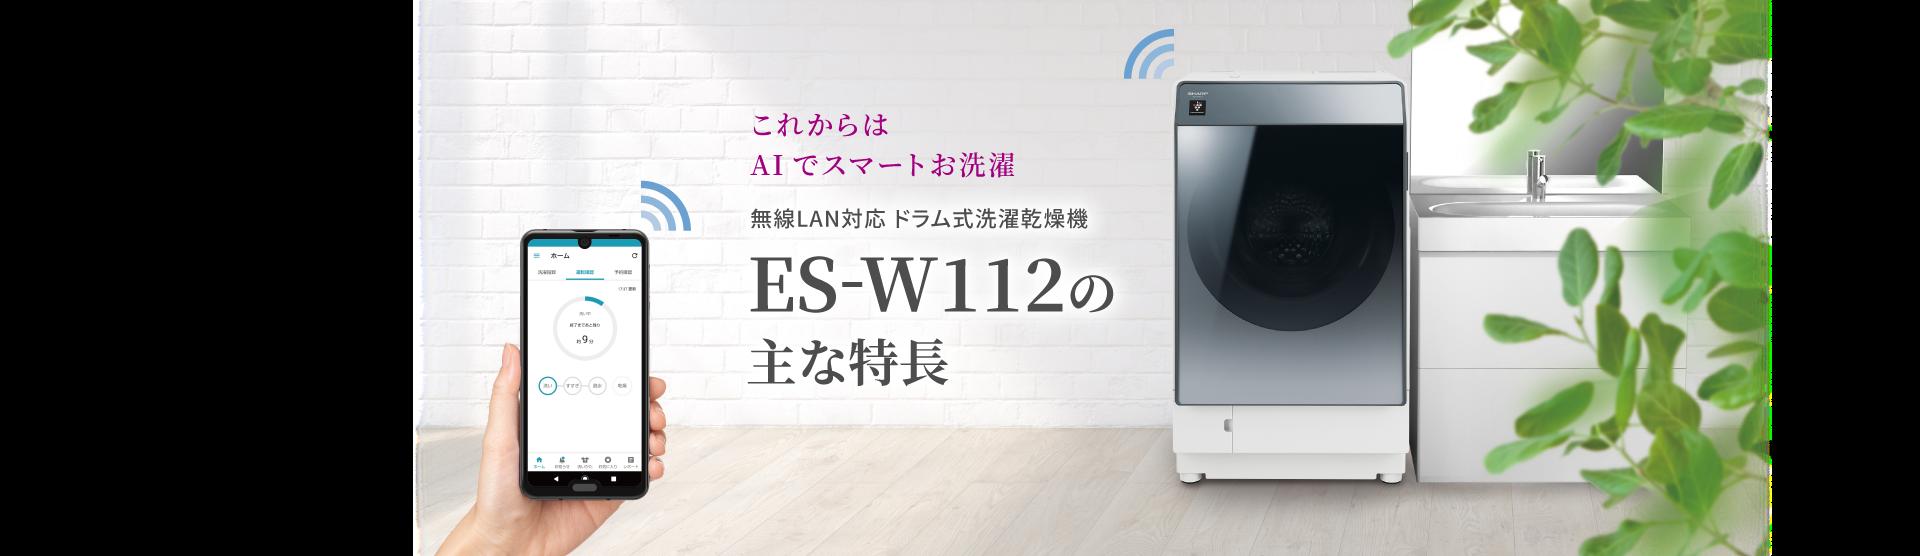 洗濯に関する様々な便利情報をお届け 無線LAN対応 ドラム式洗濯乾燥機 ES-W112の主な特長